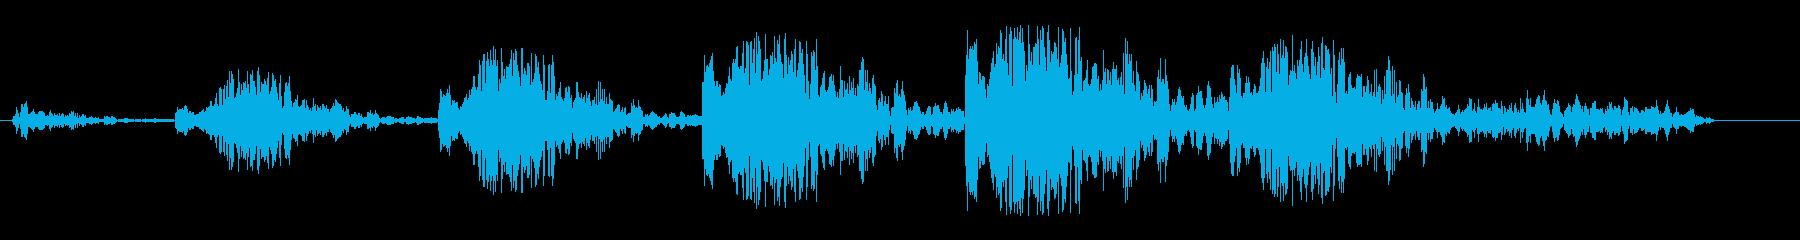 シュワンシュワン(風の音)の再生済みの波形